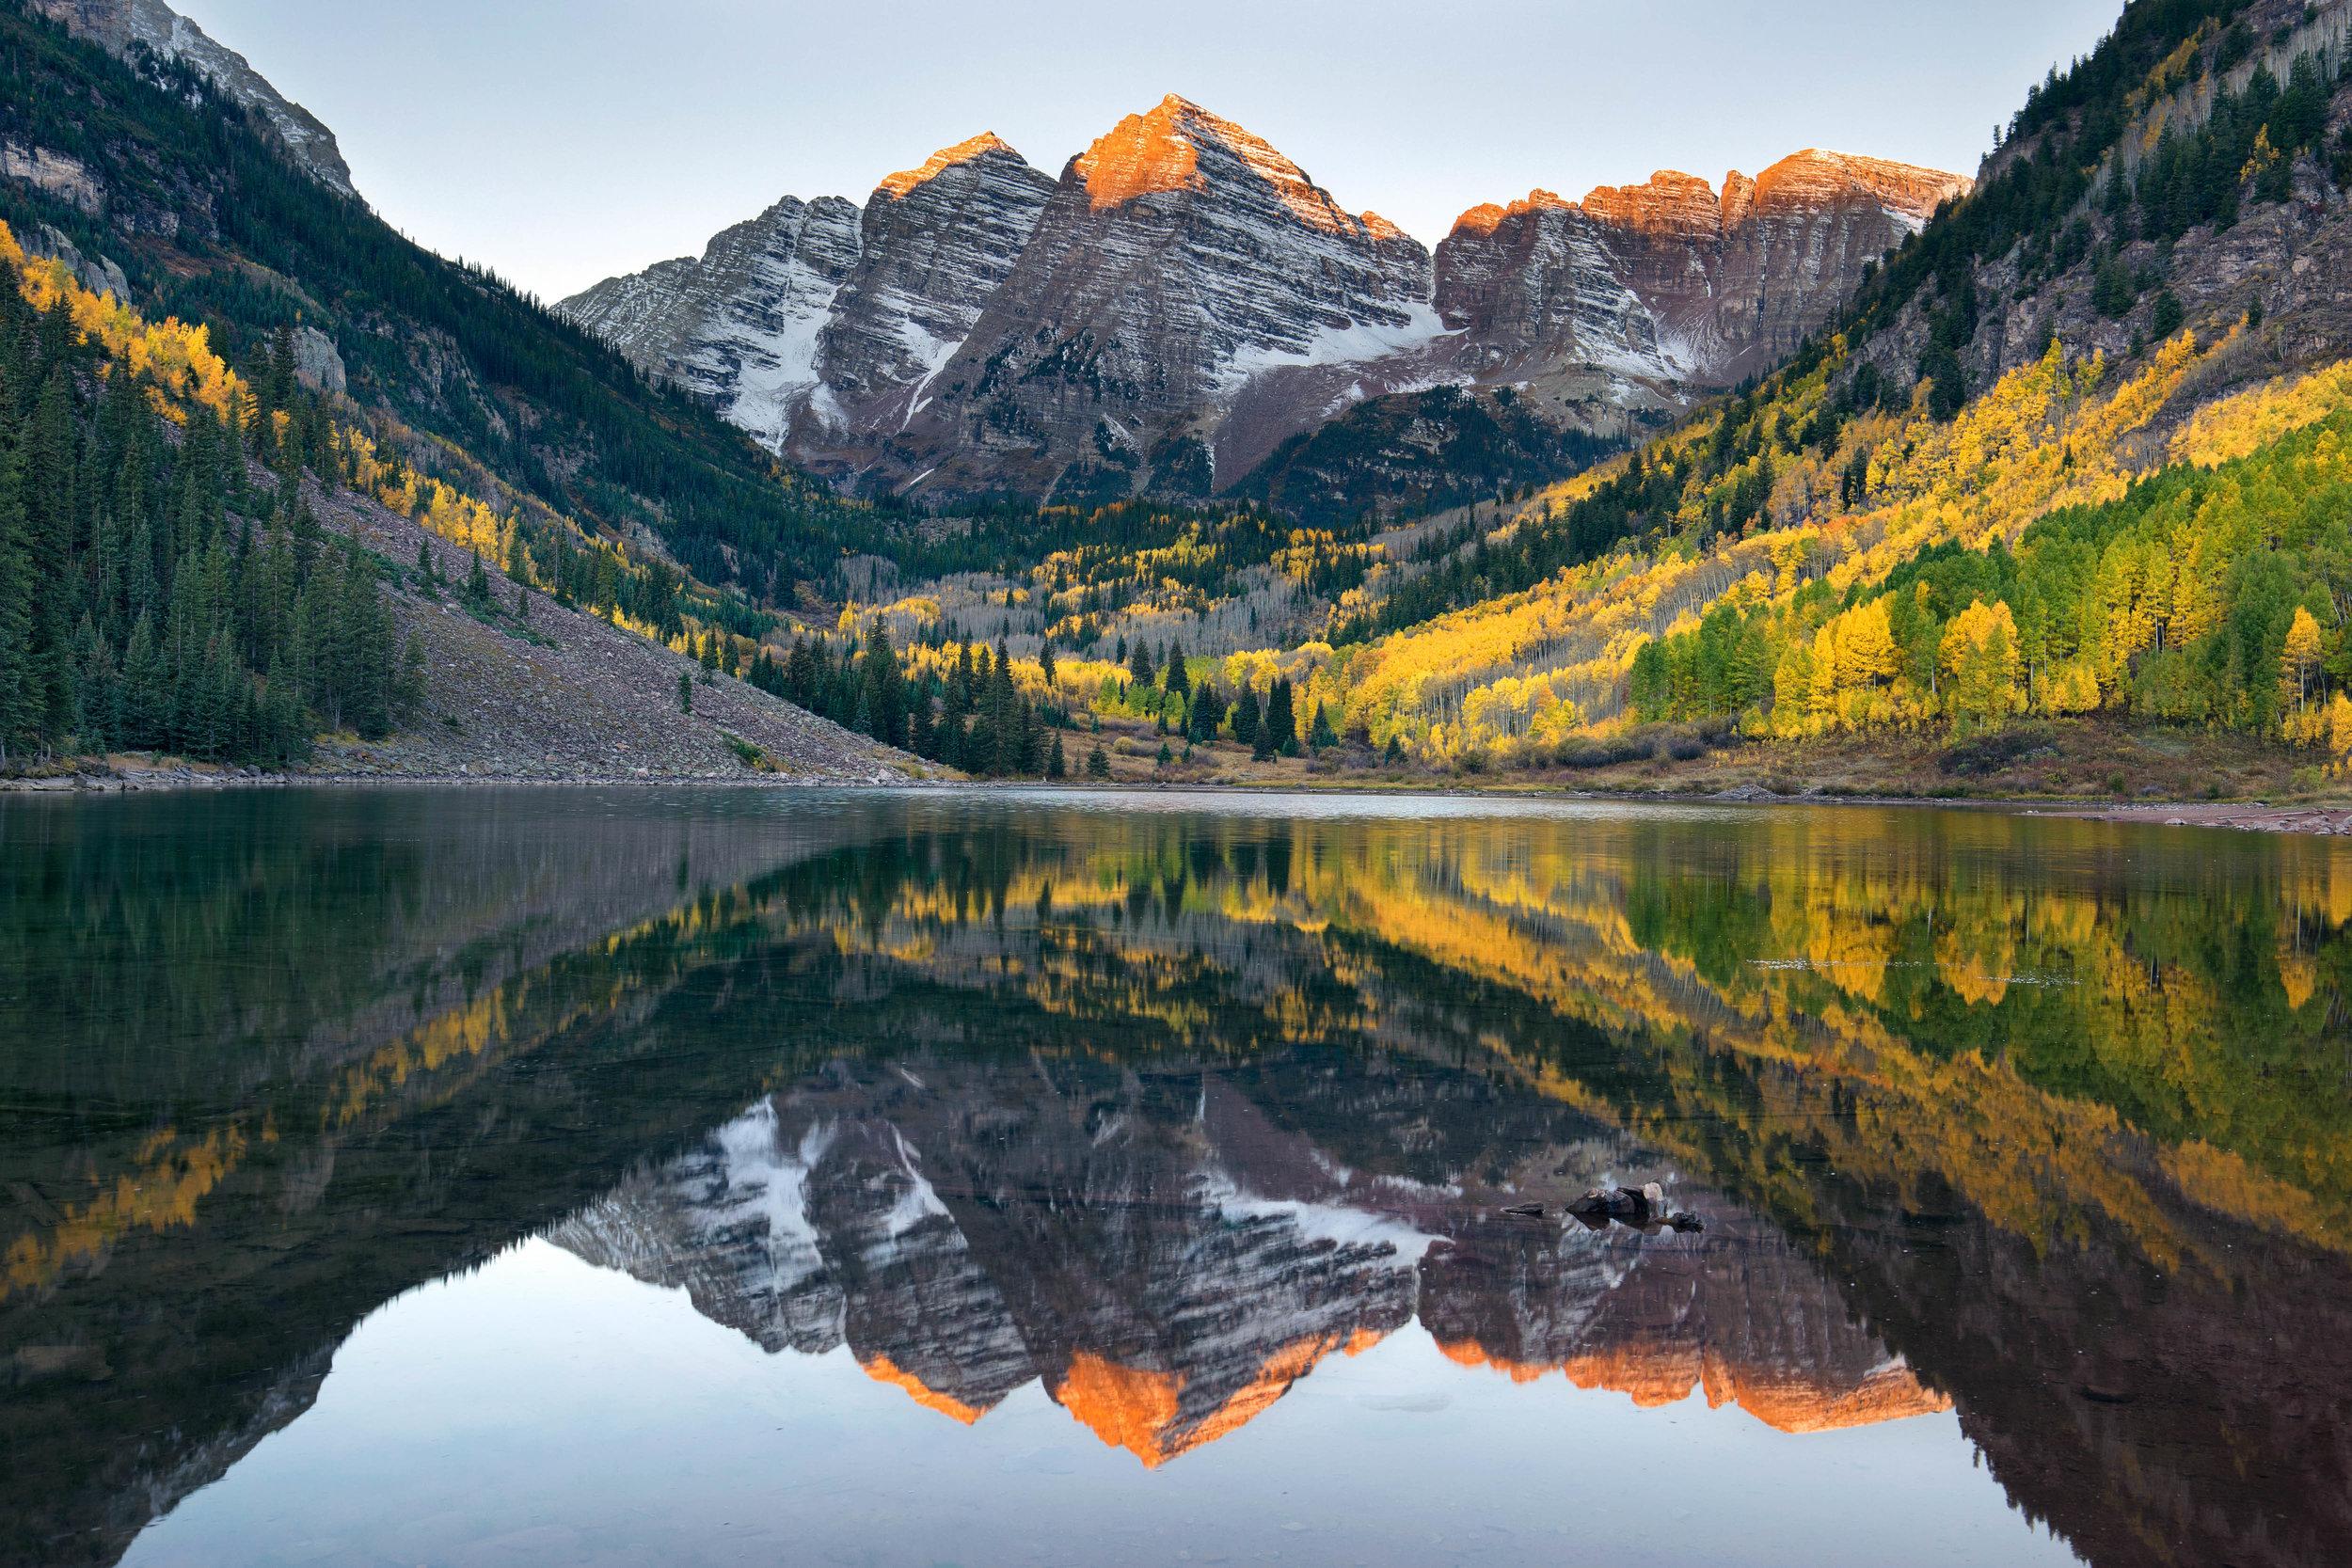 Colorado - a colourful fall roadtrip through the Rocky Mountains